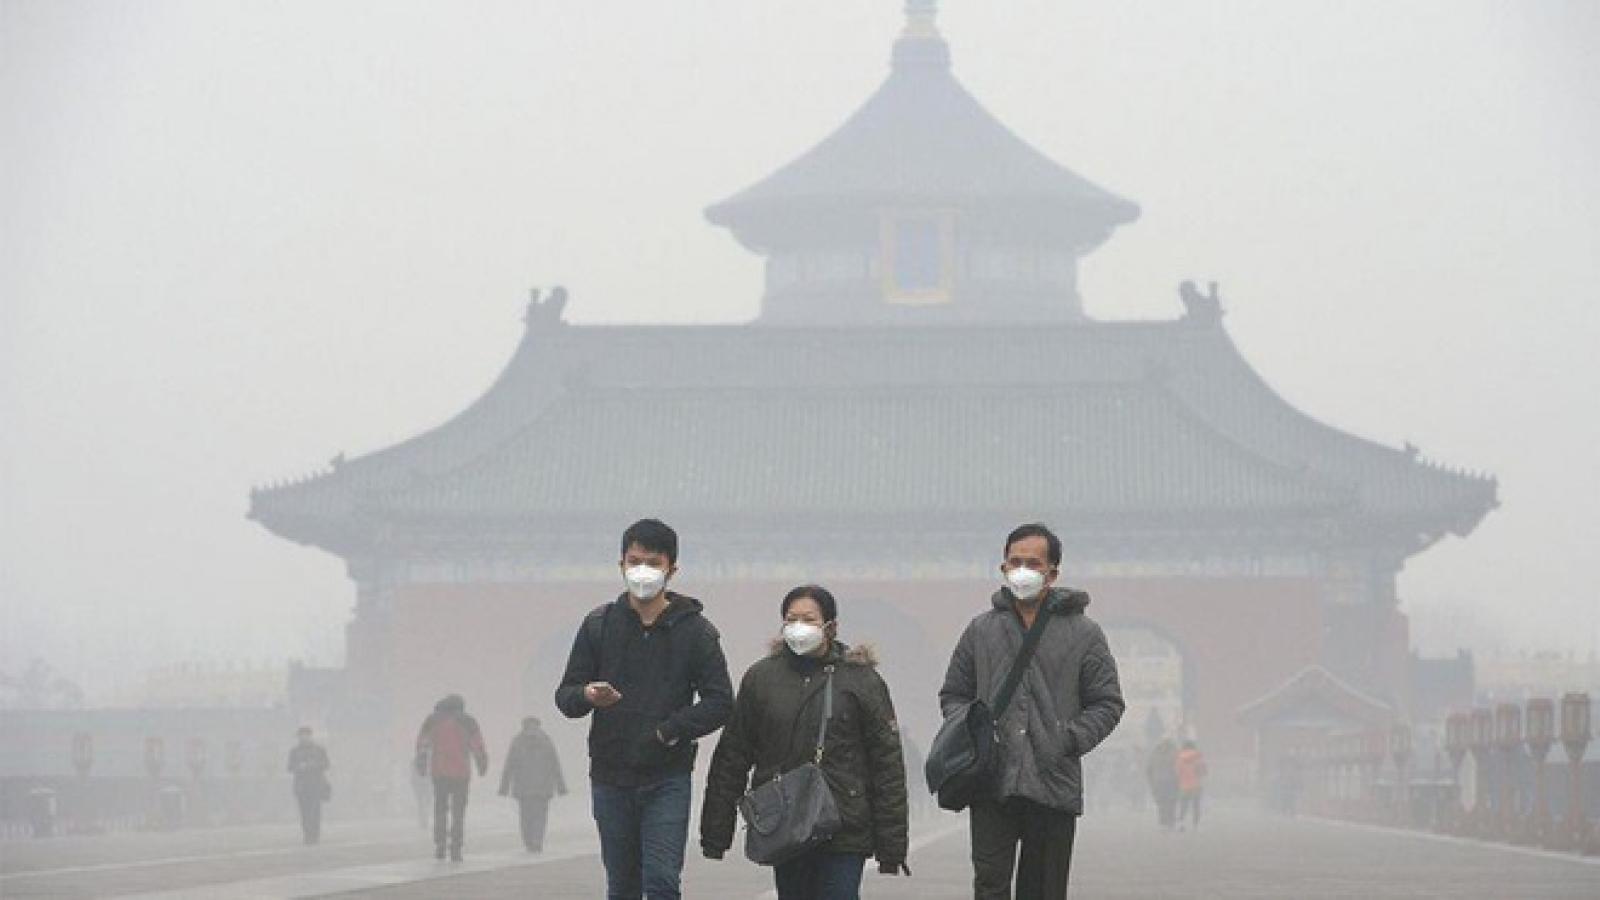 67 thành phố ở Trung Quốc cảnh báo ô nhiễm nặng dịp Tết nguyên đán